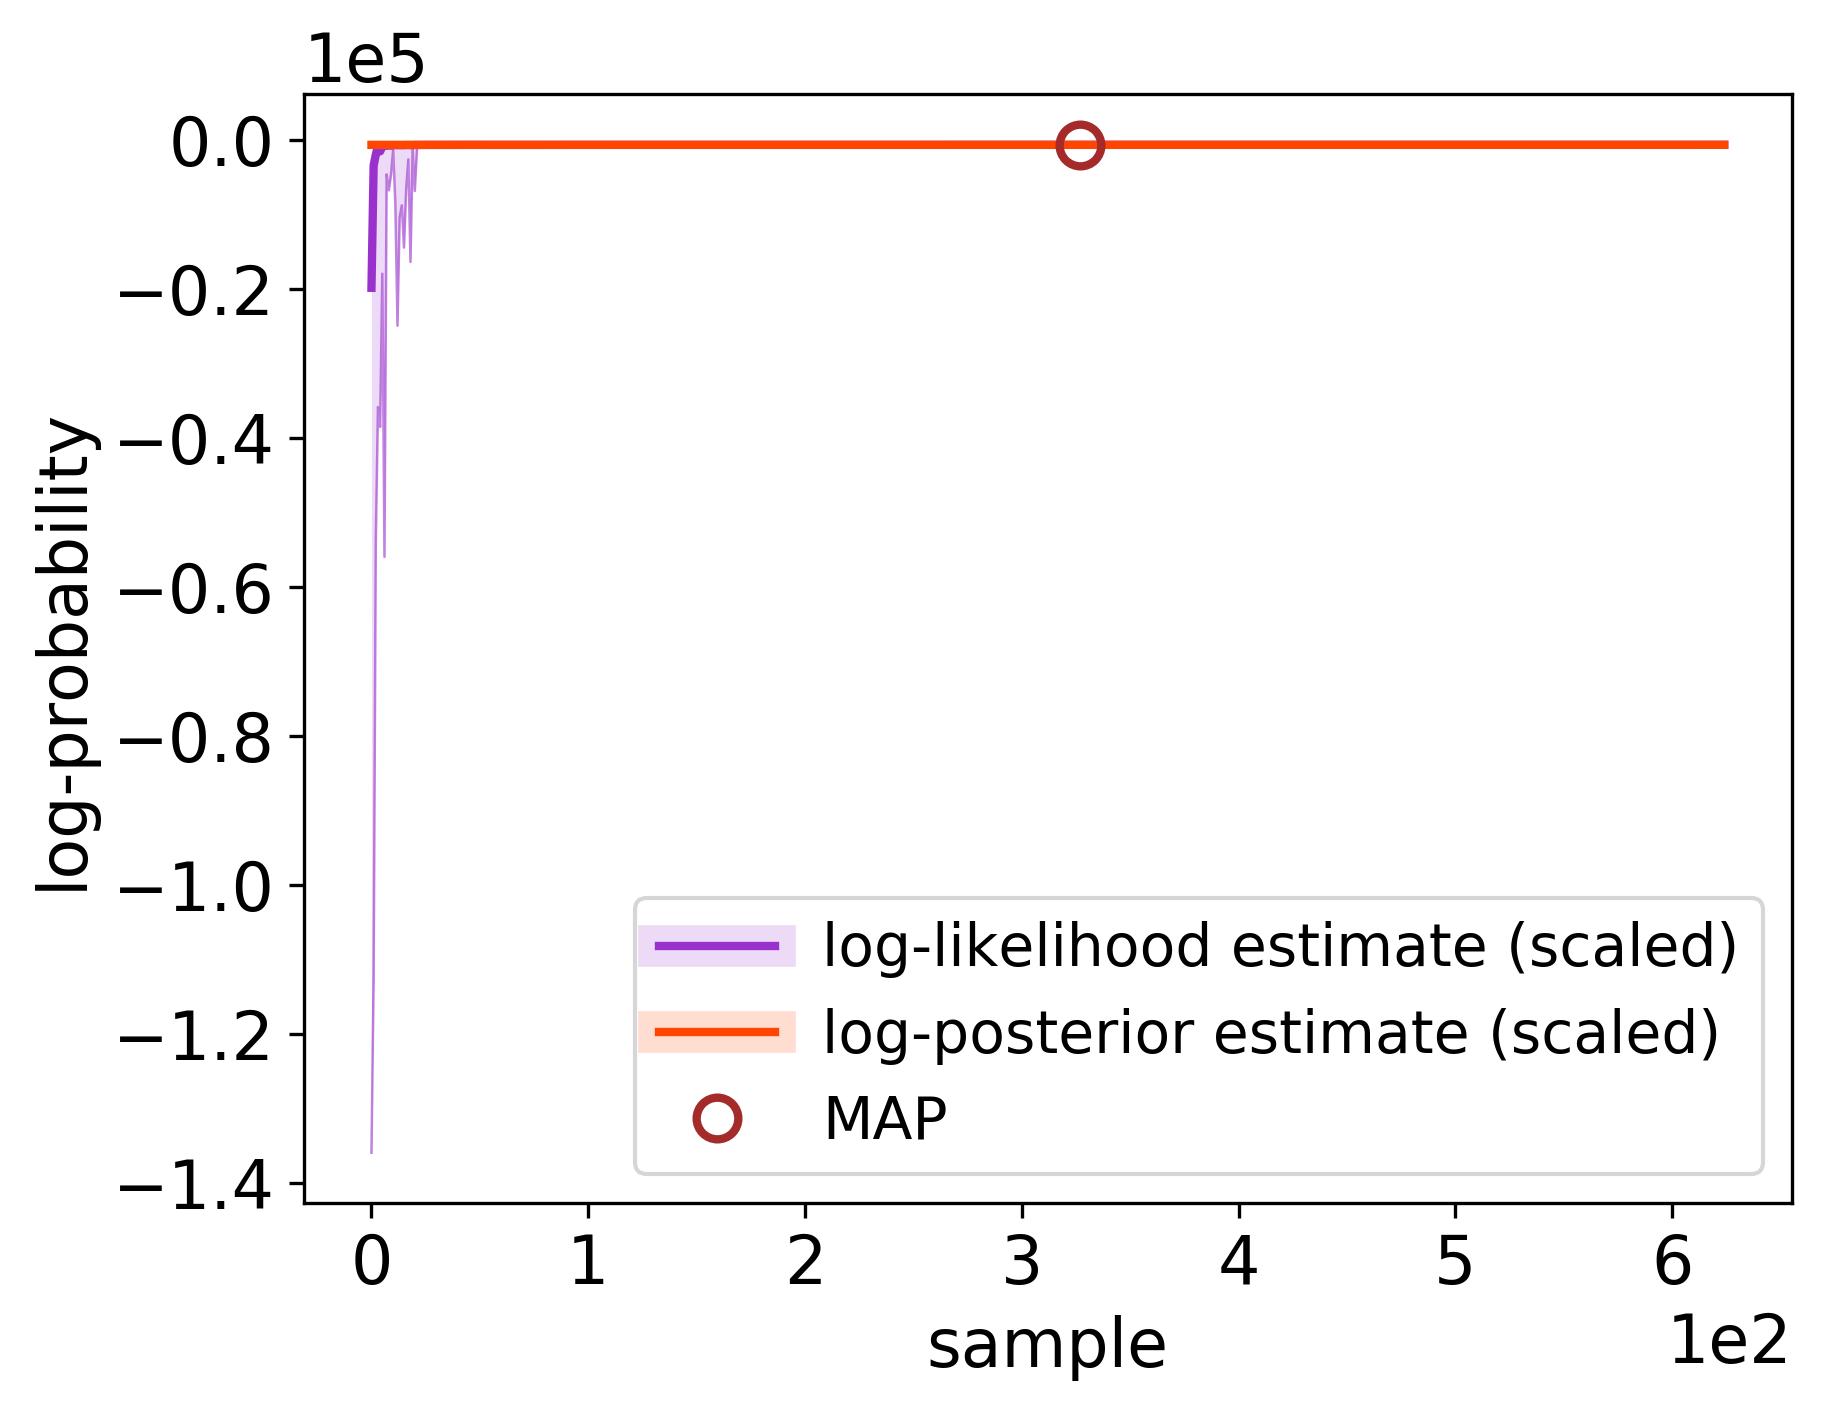 docs/_static/randomwalk/randomwalk_likelihoods.png